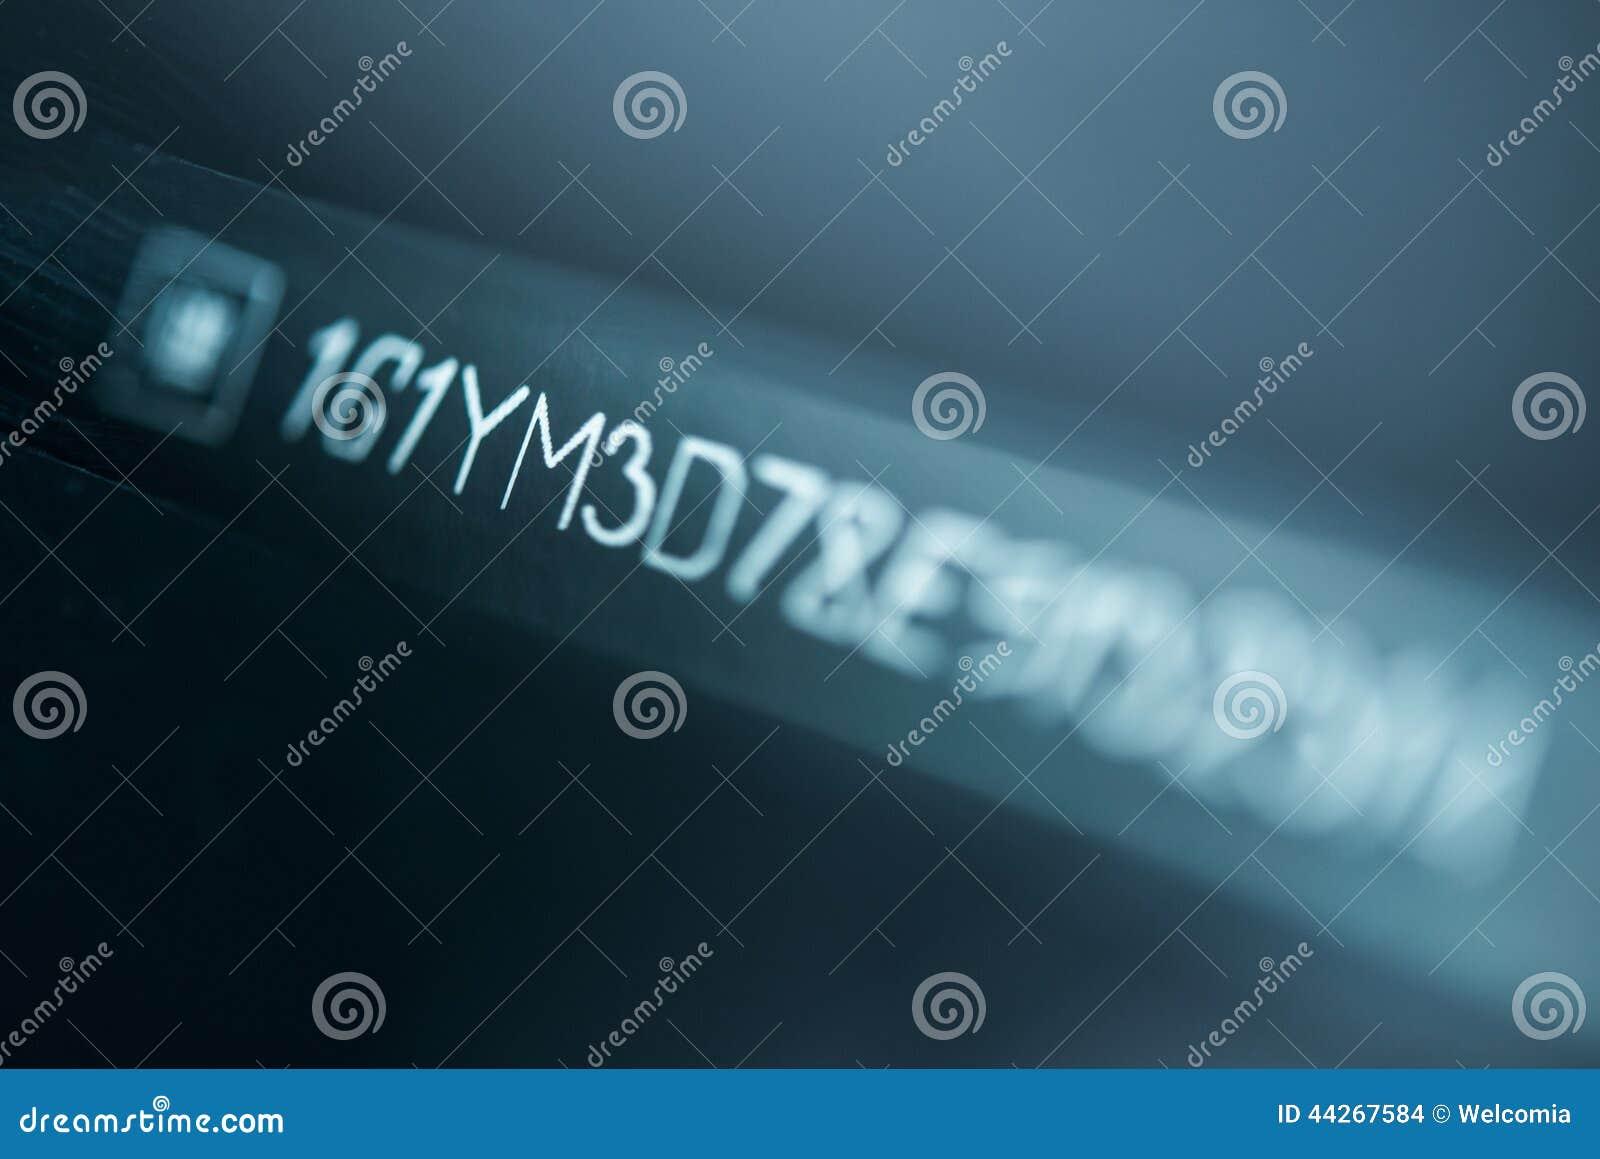 voiture vin number photo stock image du bleu tre s quentiel 44267584. Black Bedroom Furniture Sets. Home Design Ideas